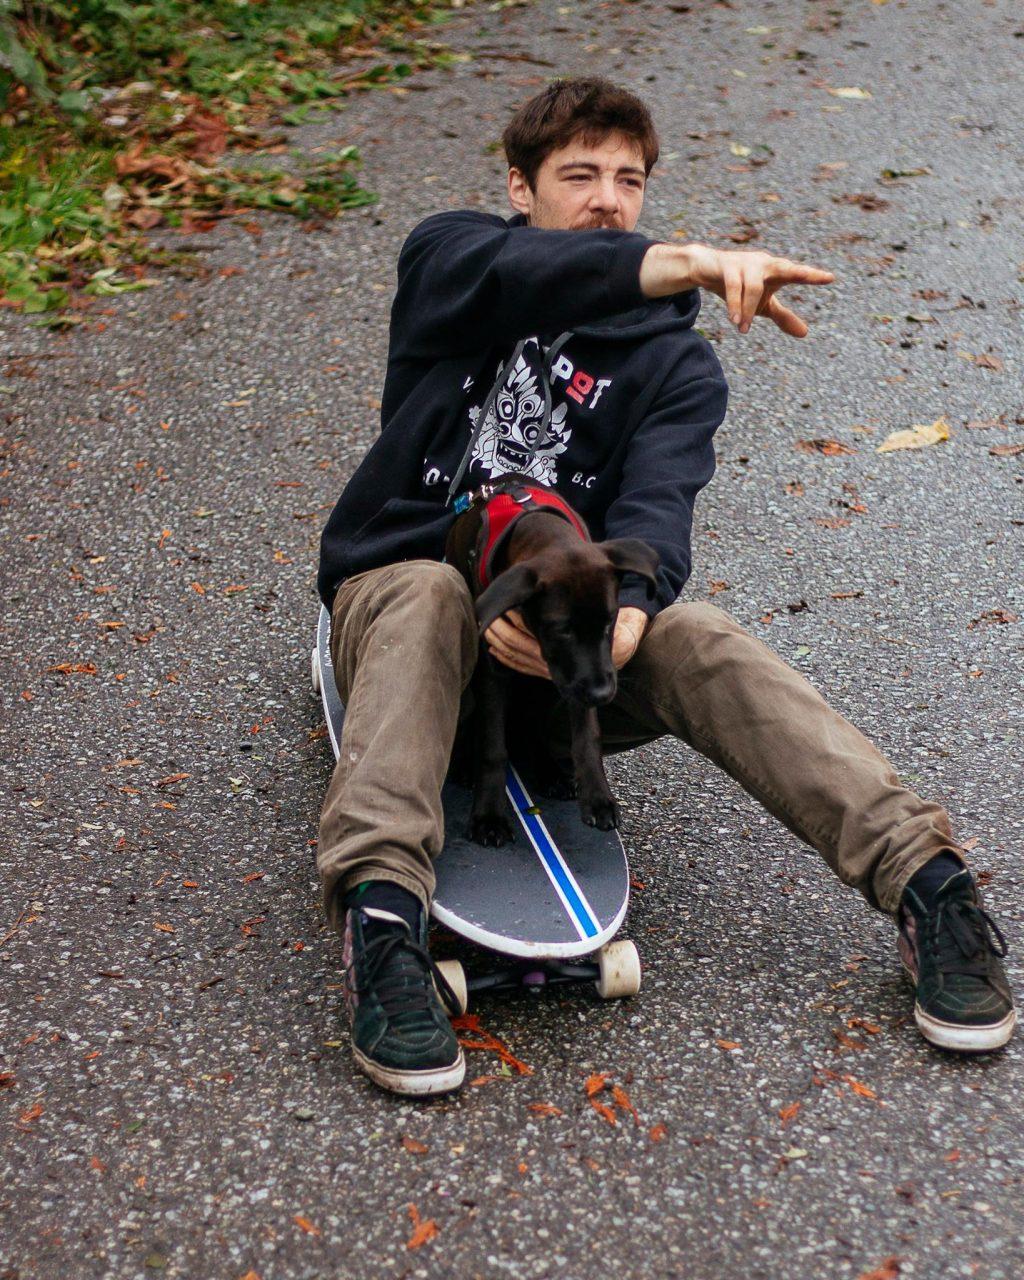 43-sam-galus-flatspot-longboards-valhalla-skateboards-higway-jam-highwayjamx-sho-ouellette-sho-stopper-longboarding